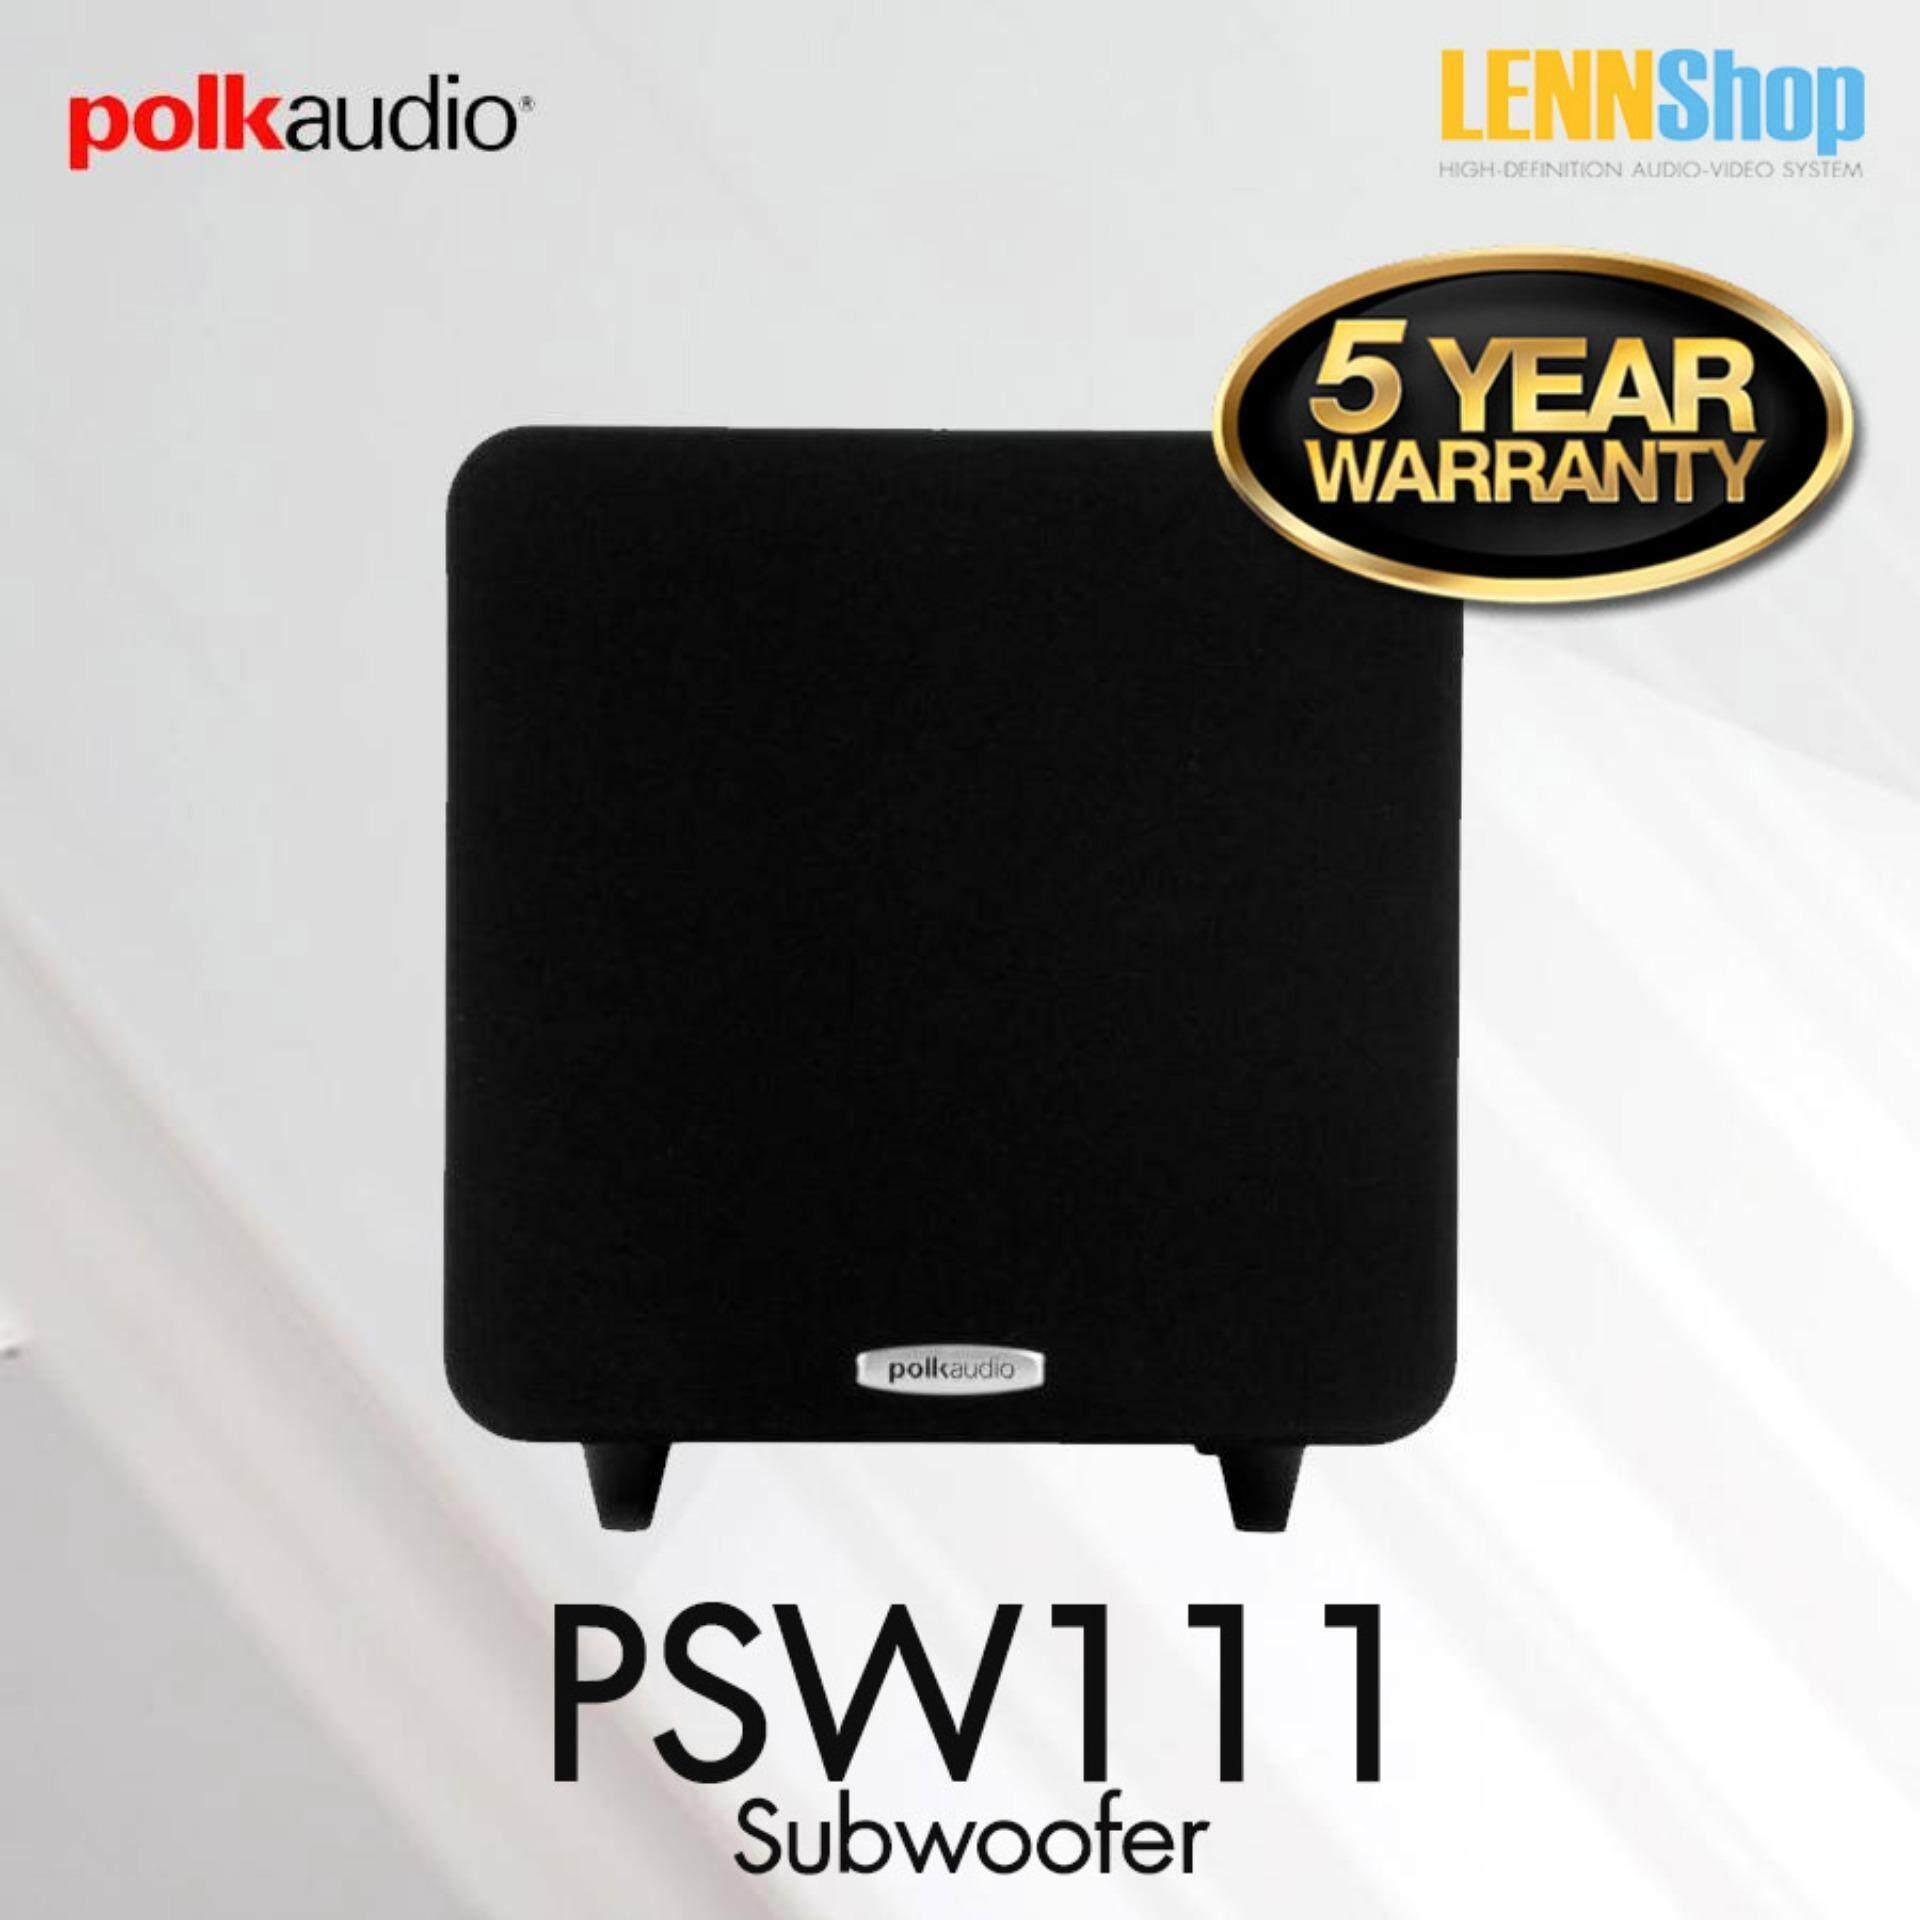 สอนใช้งาน  สมุทรสาคร Polk Audio PSW111 Subwoofer กำลังขยาย 300 Watts รับประกัน 5ปี ศูนย์ POWER BUY จากผู้นำเข้าอย่างเป็นทางการ